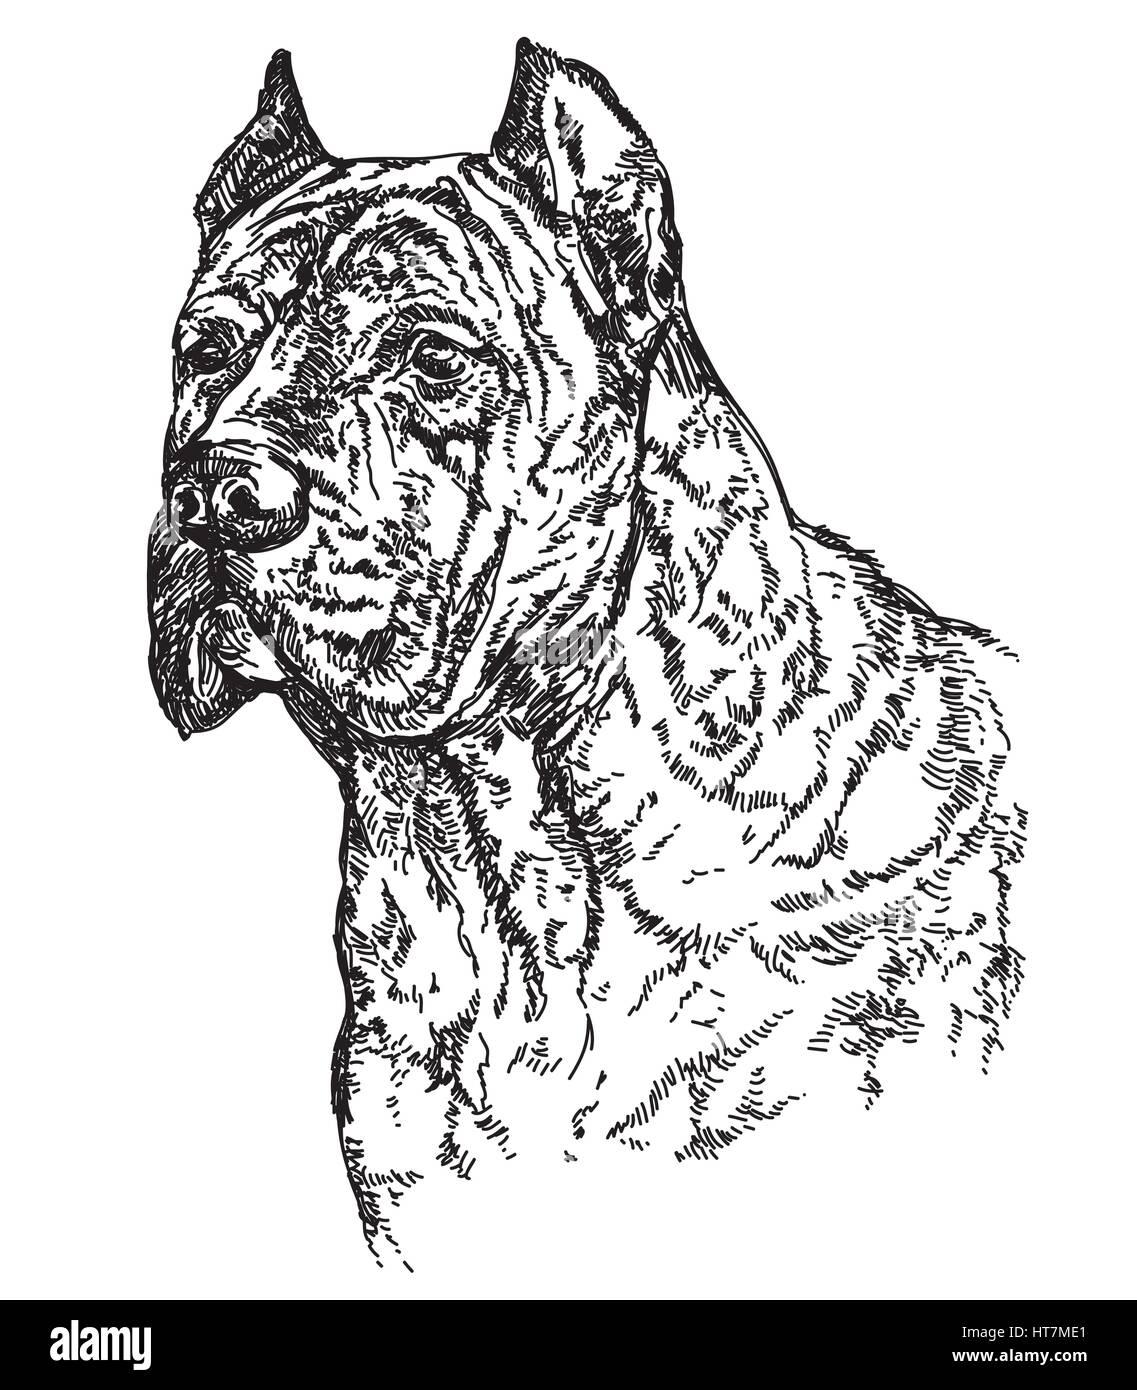 Caña de perro jefe Corsa en profil vector ilustración de dibujo a mano alzada Imagen De Stock